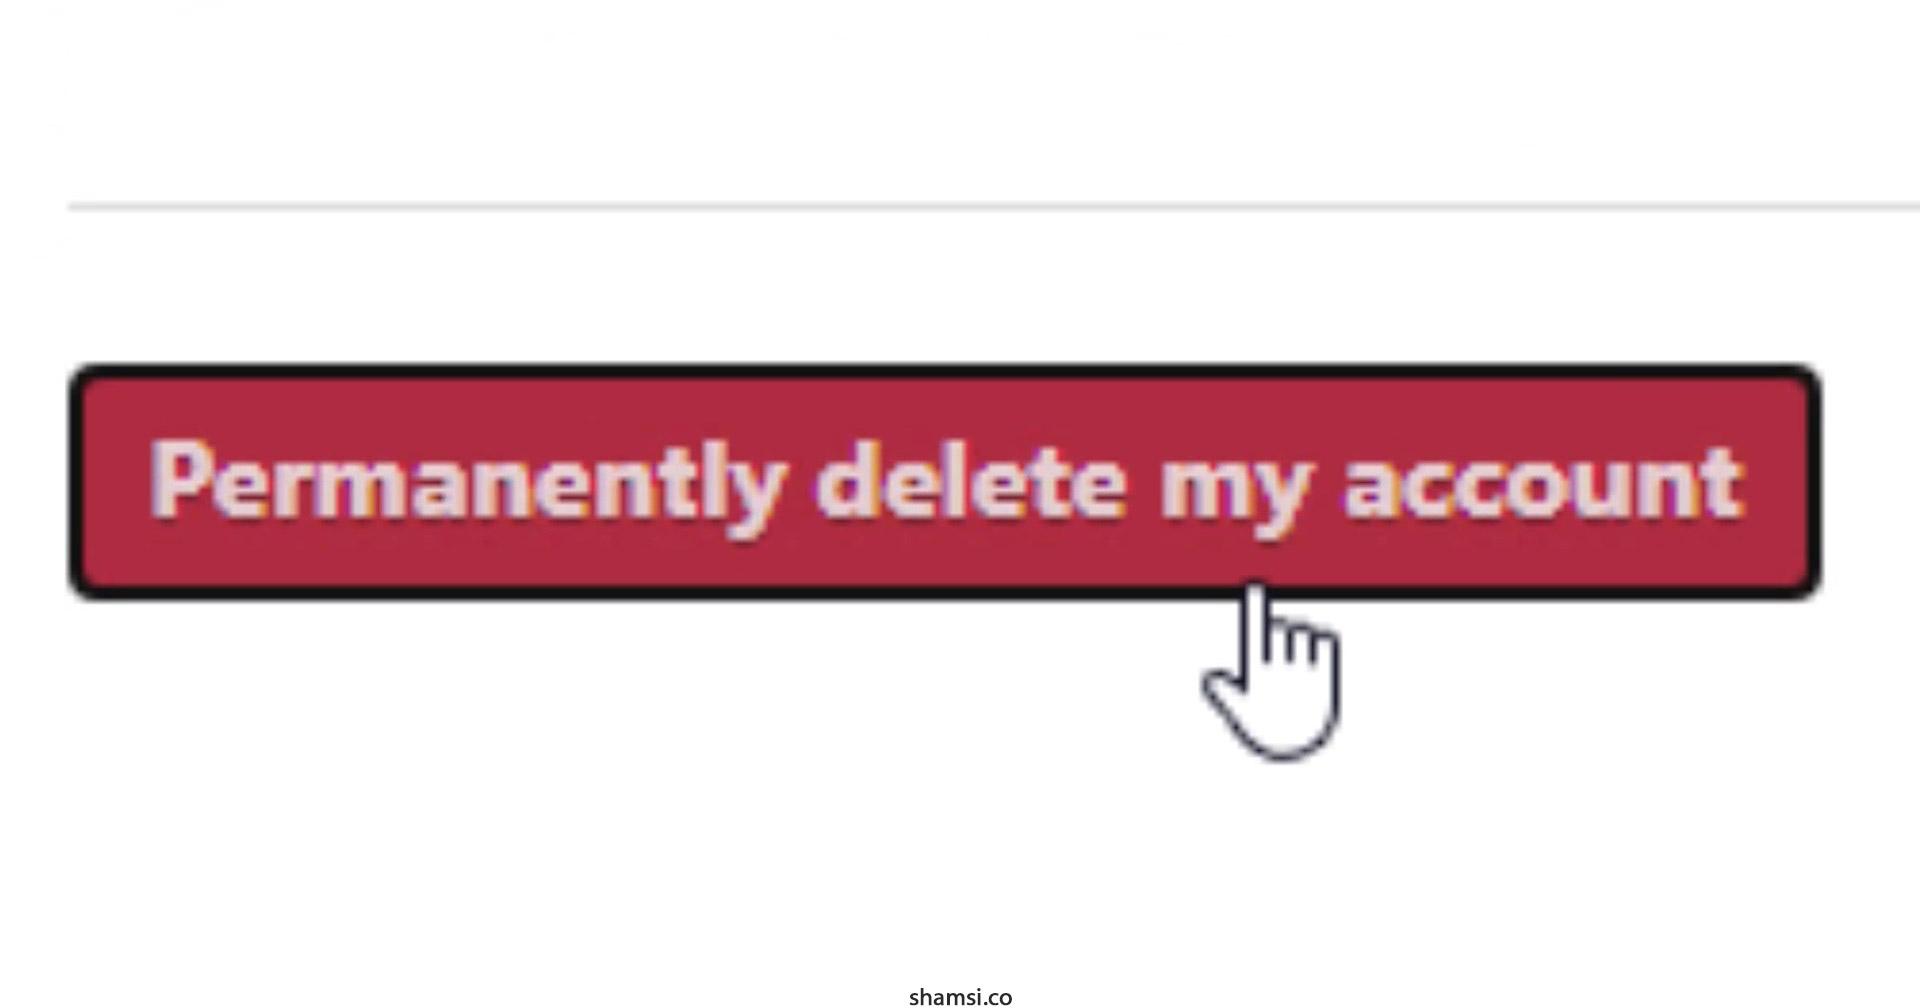 حذف حساب کاربری اینستا